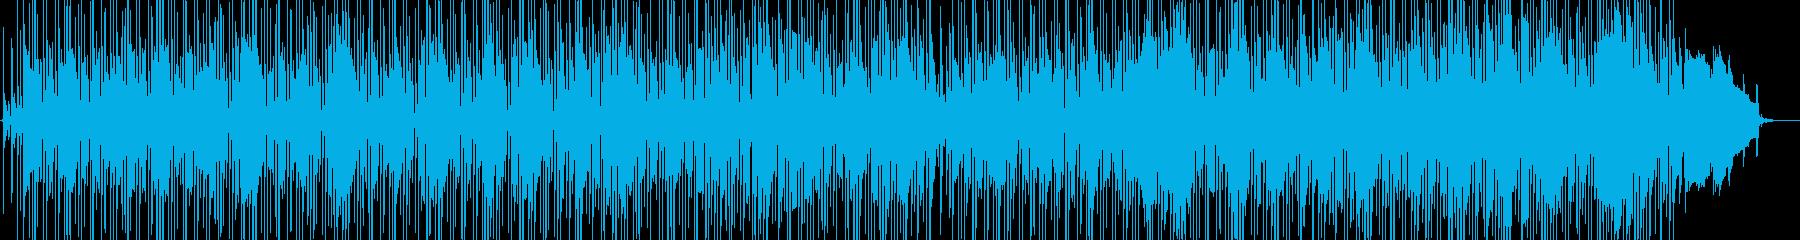 ムーディーなボサノバBGMの再生済みの波形